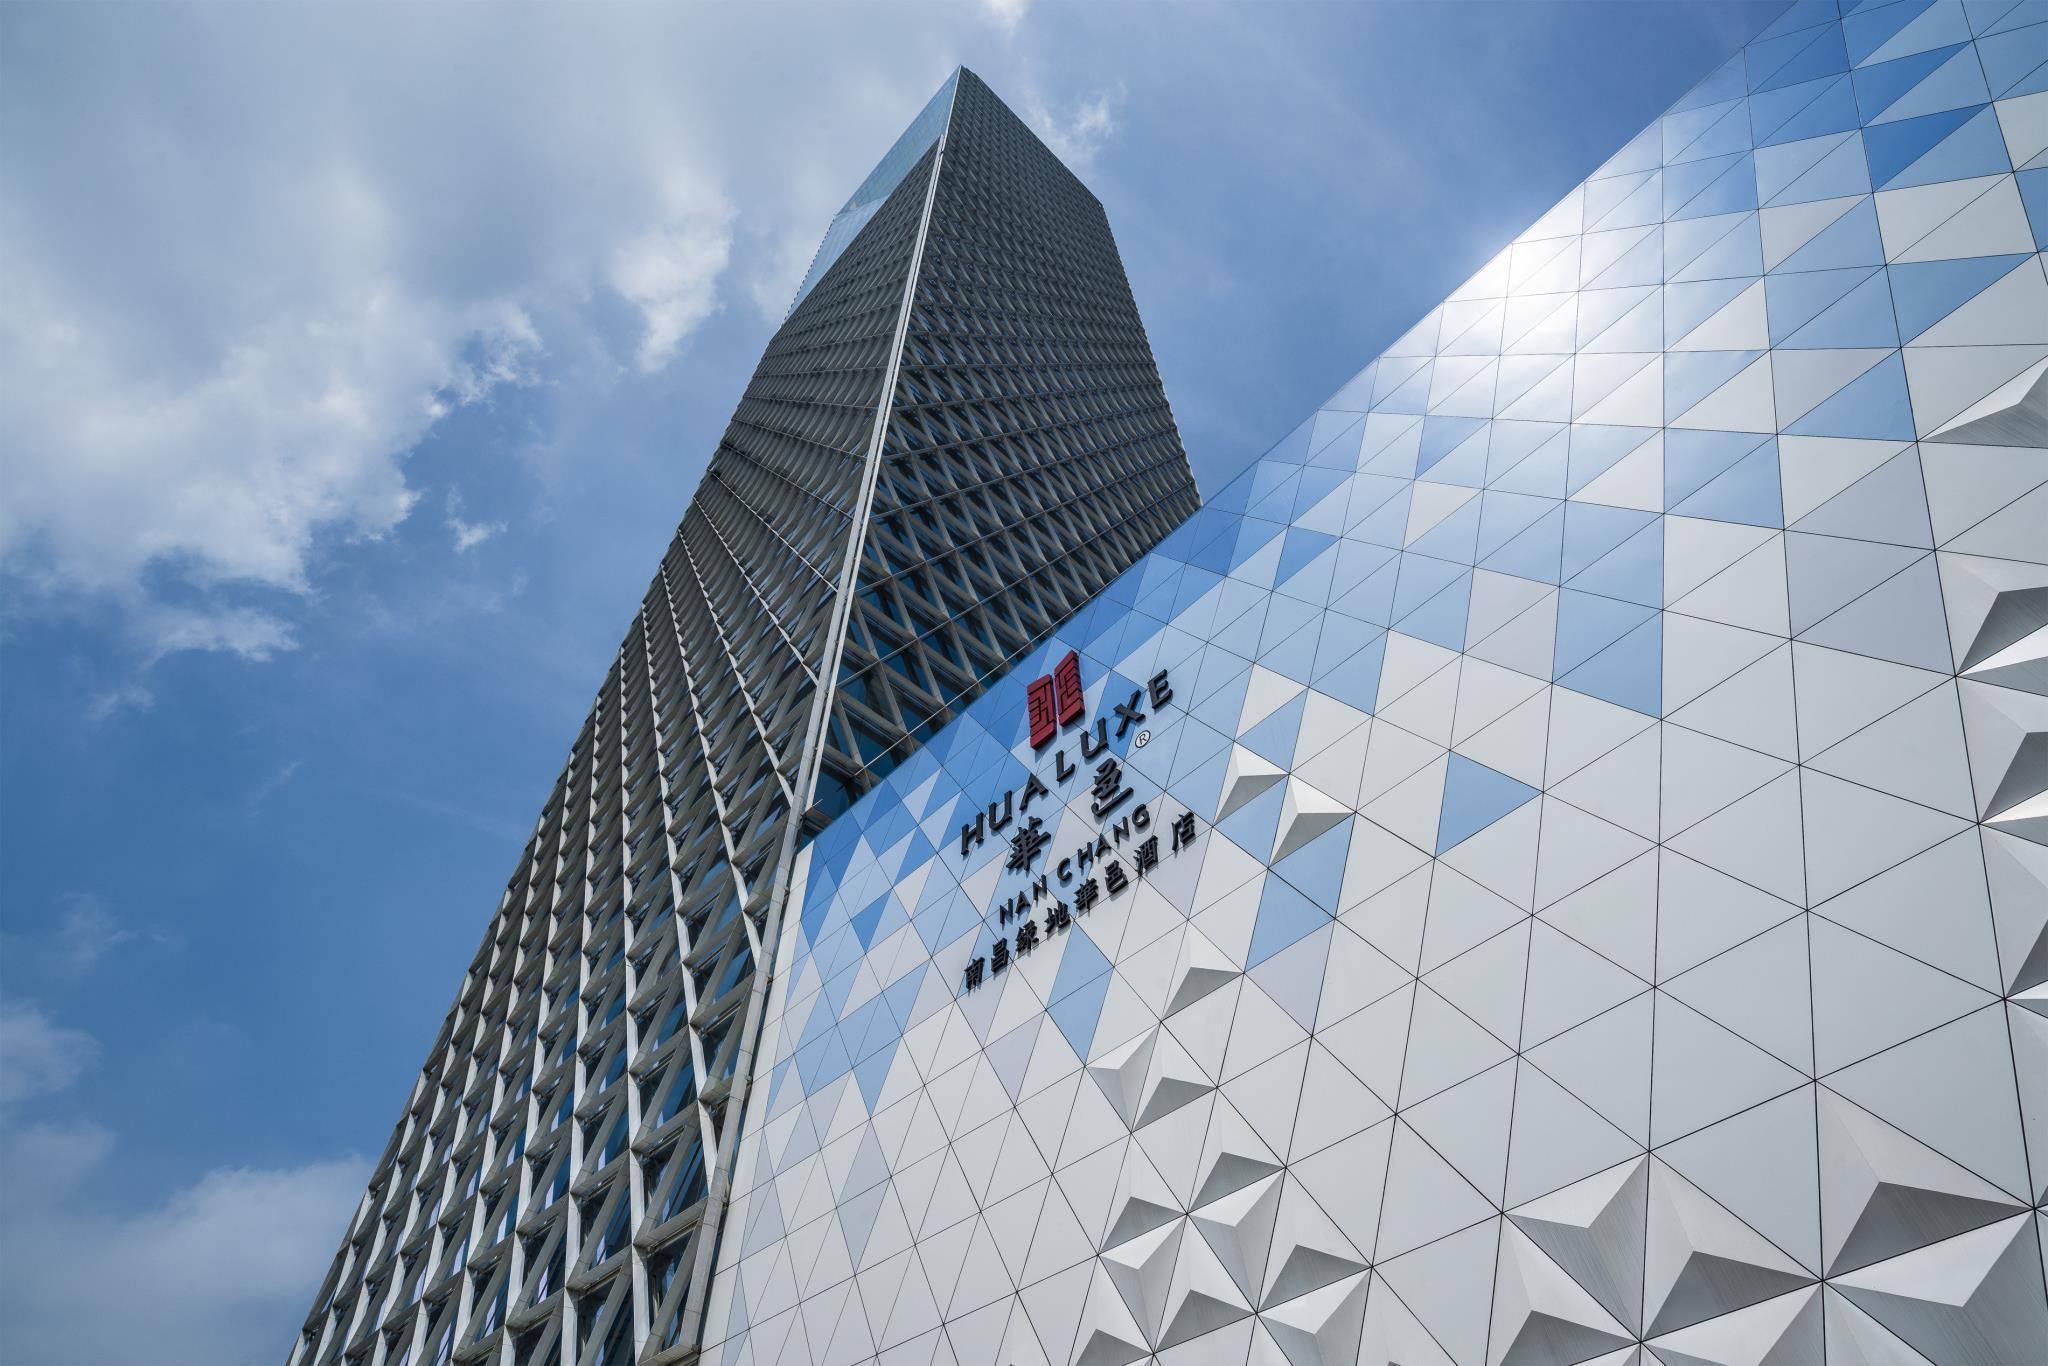 HUALUXE Hotels & Resorts Nanchang High Tech Zone